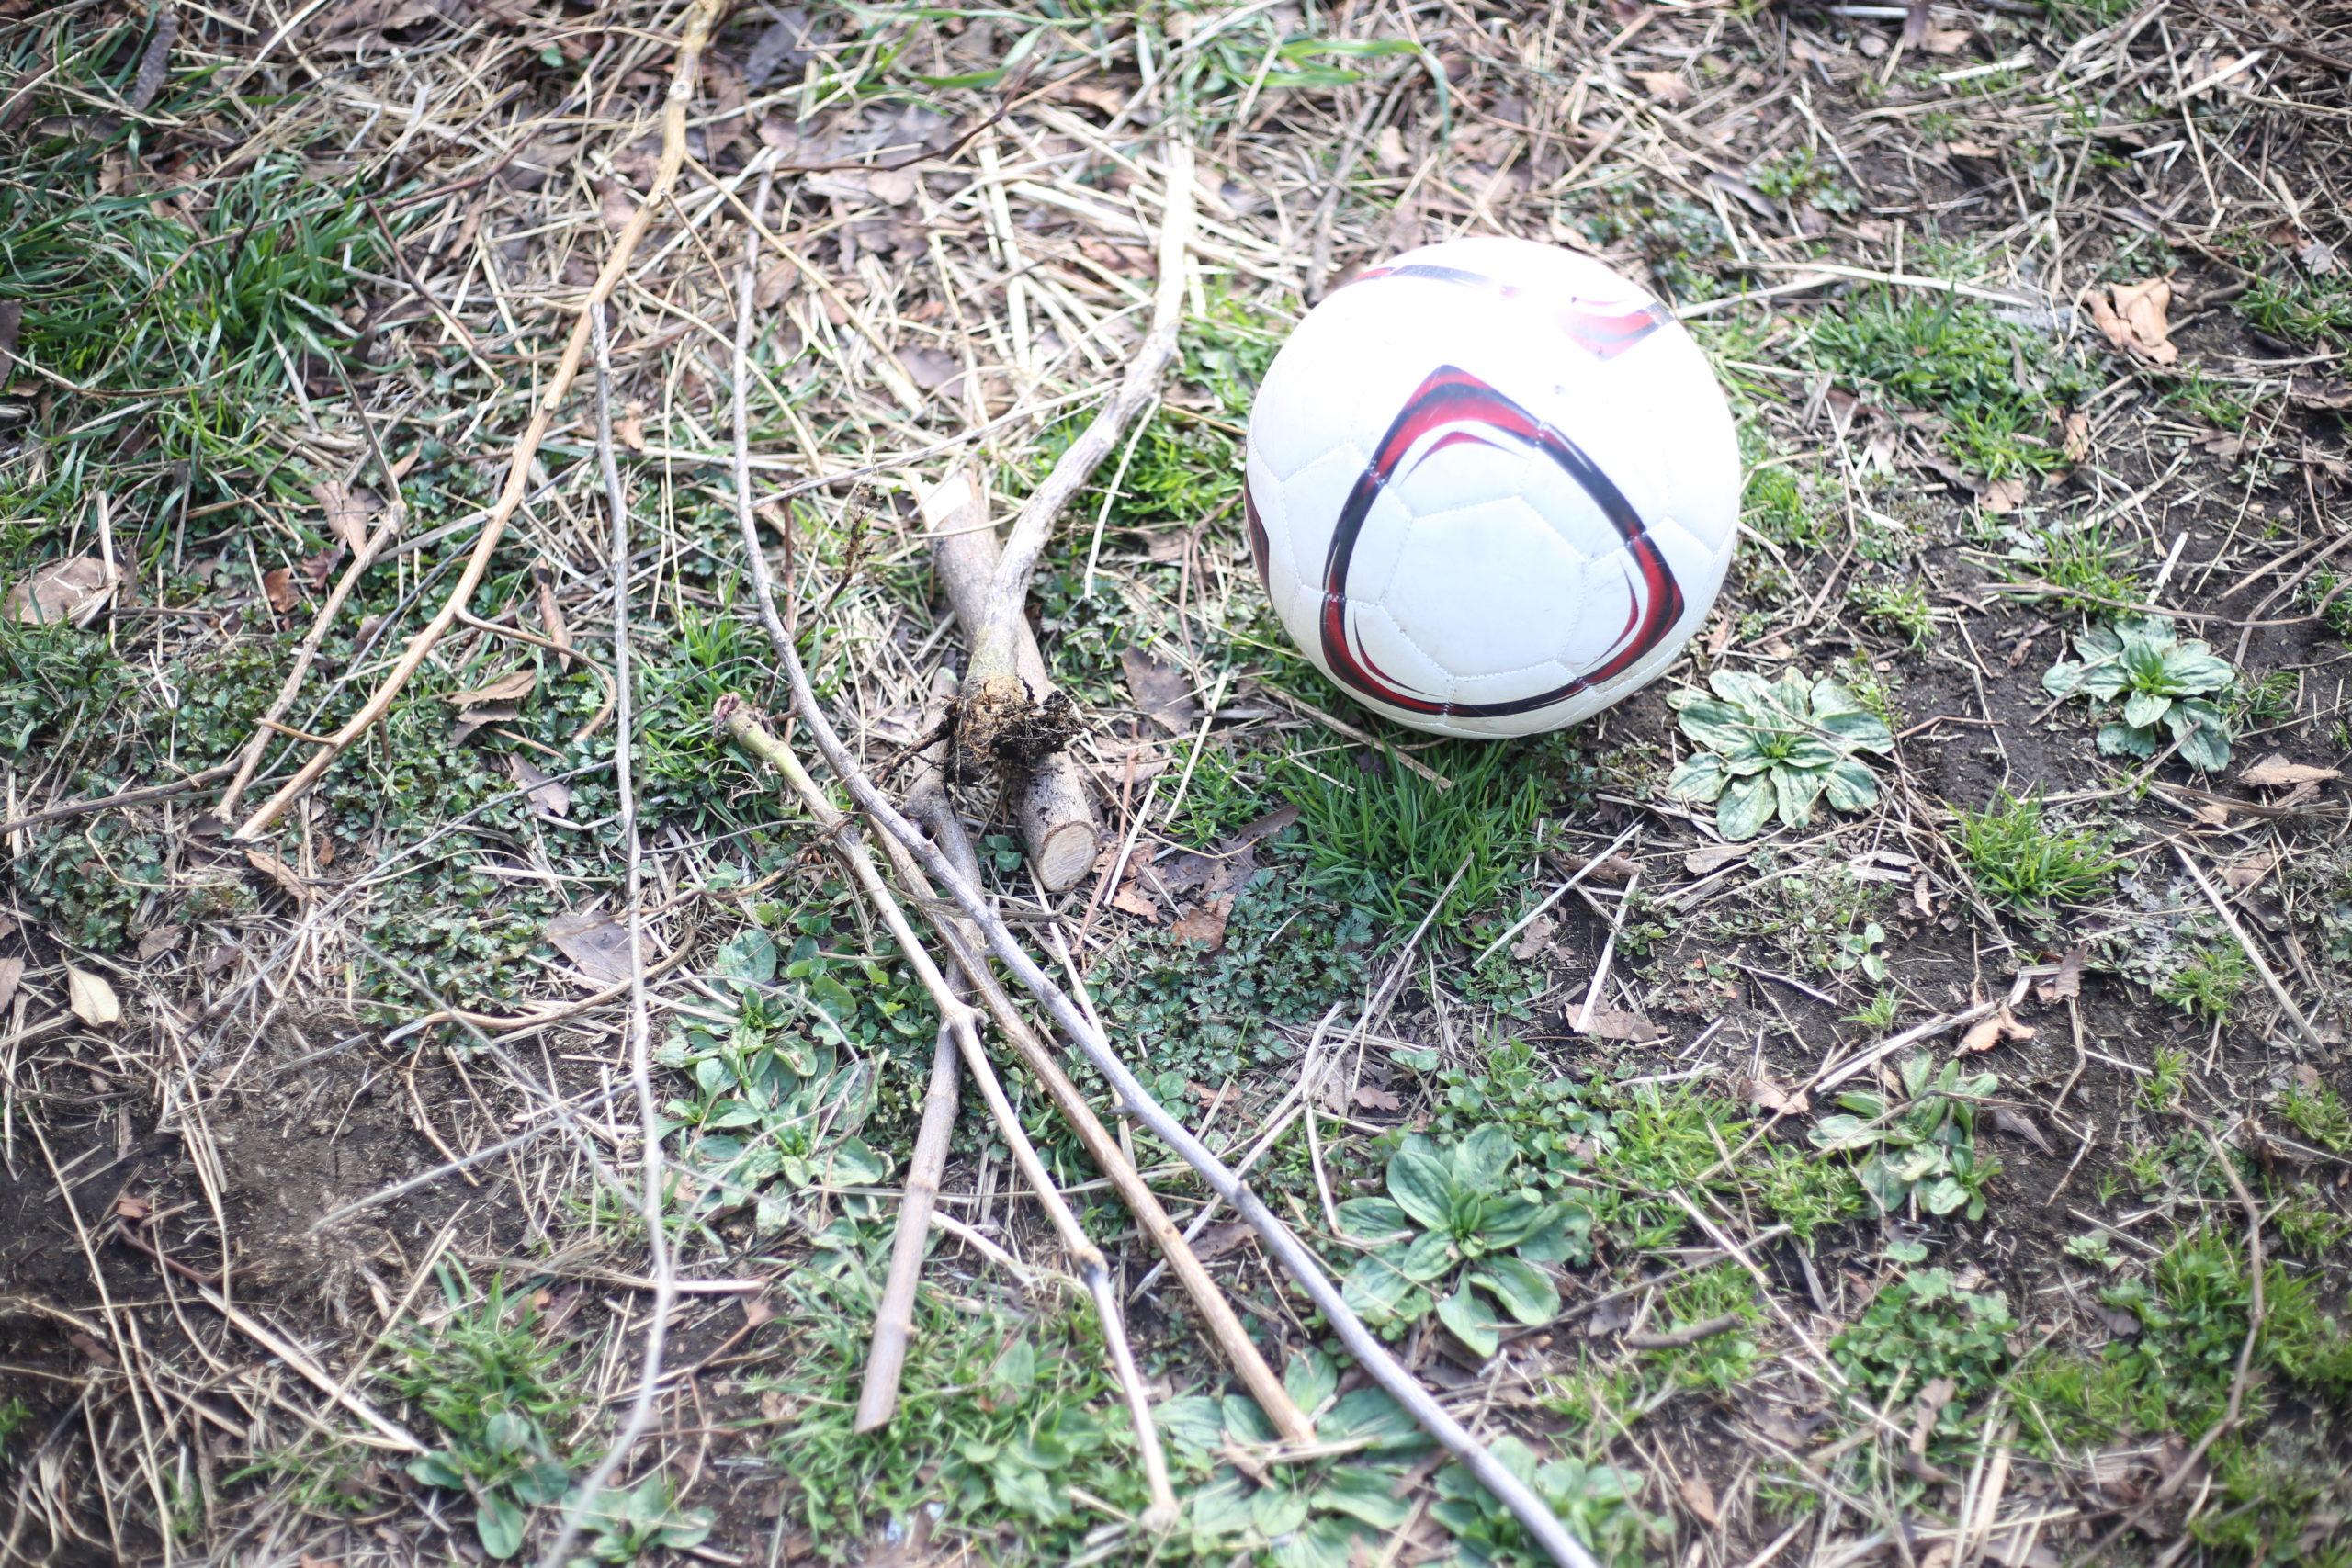 公園から転がり出るボールとそれを追いかける子供の図